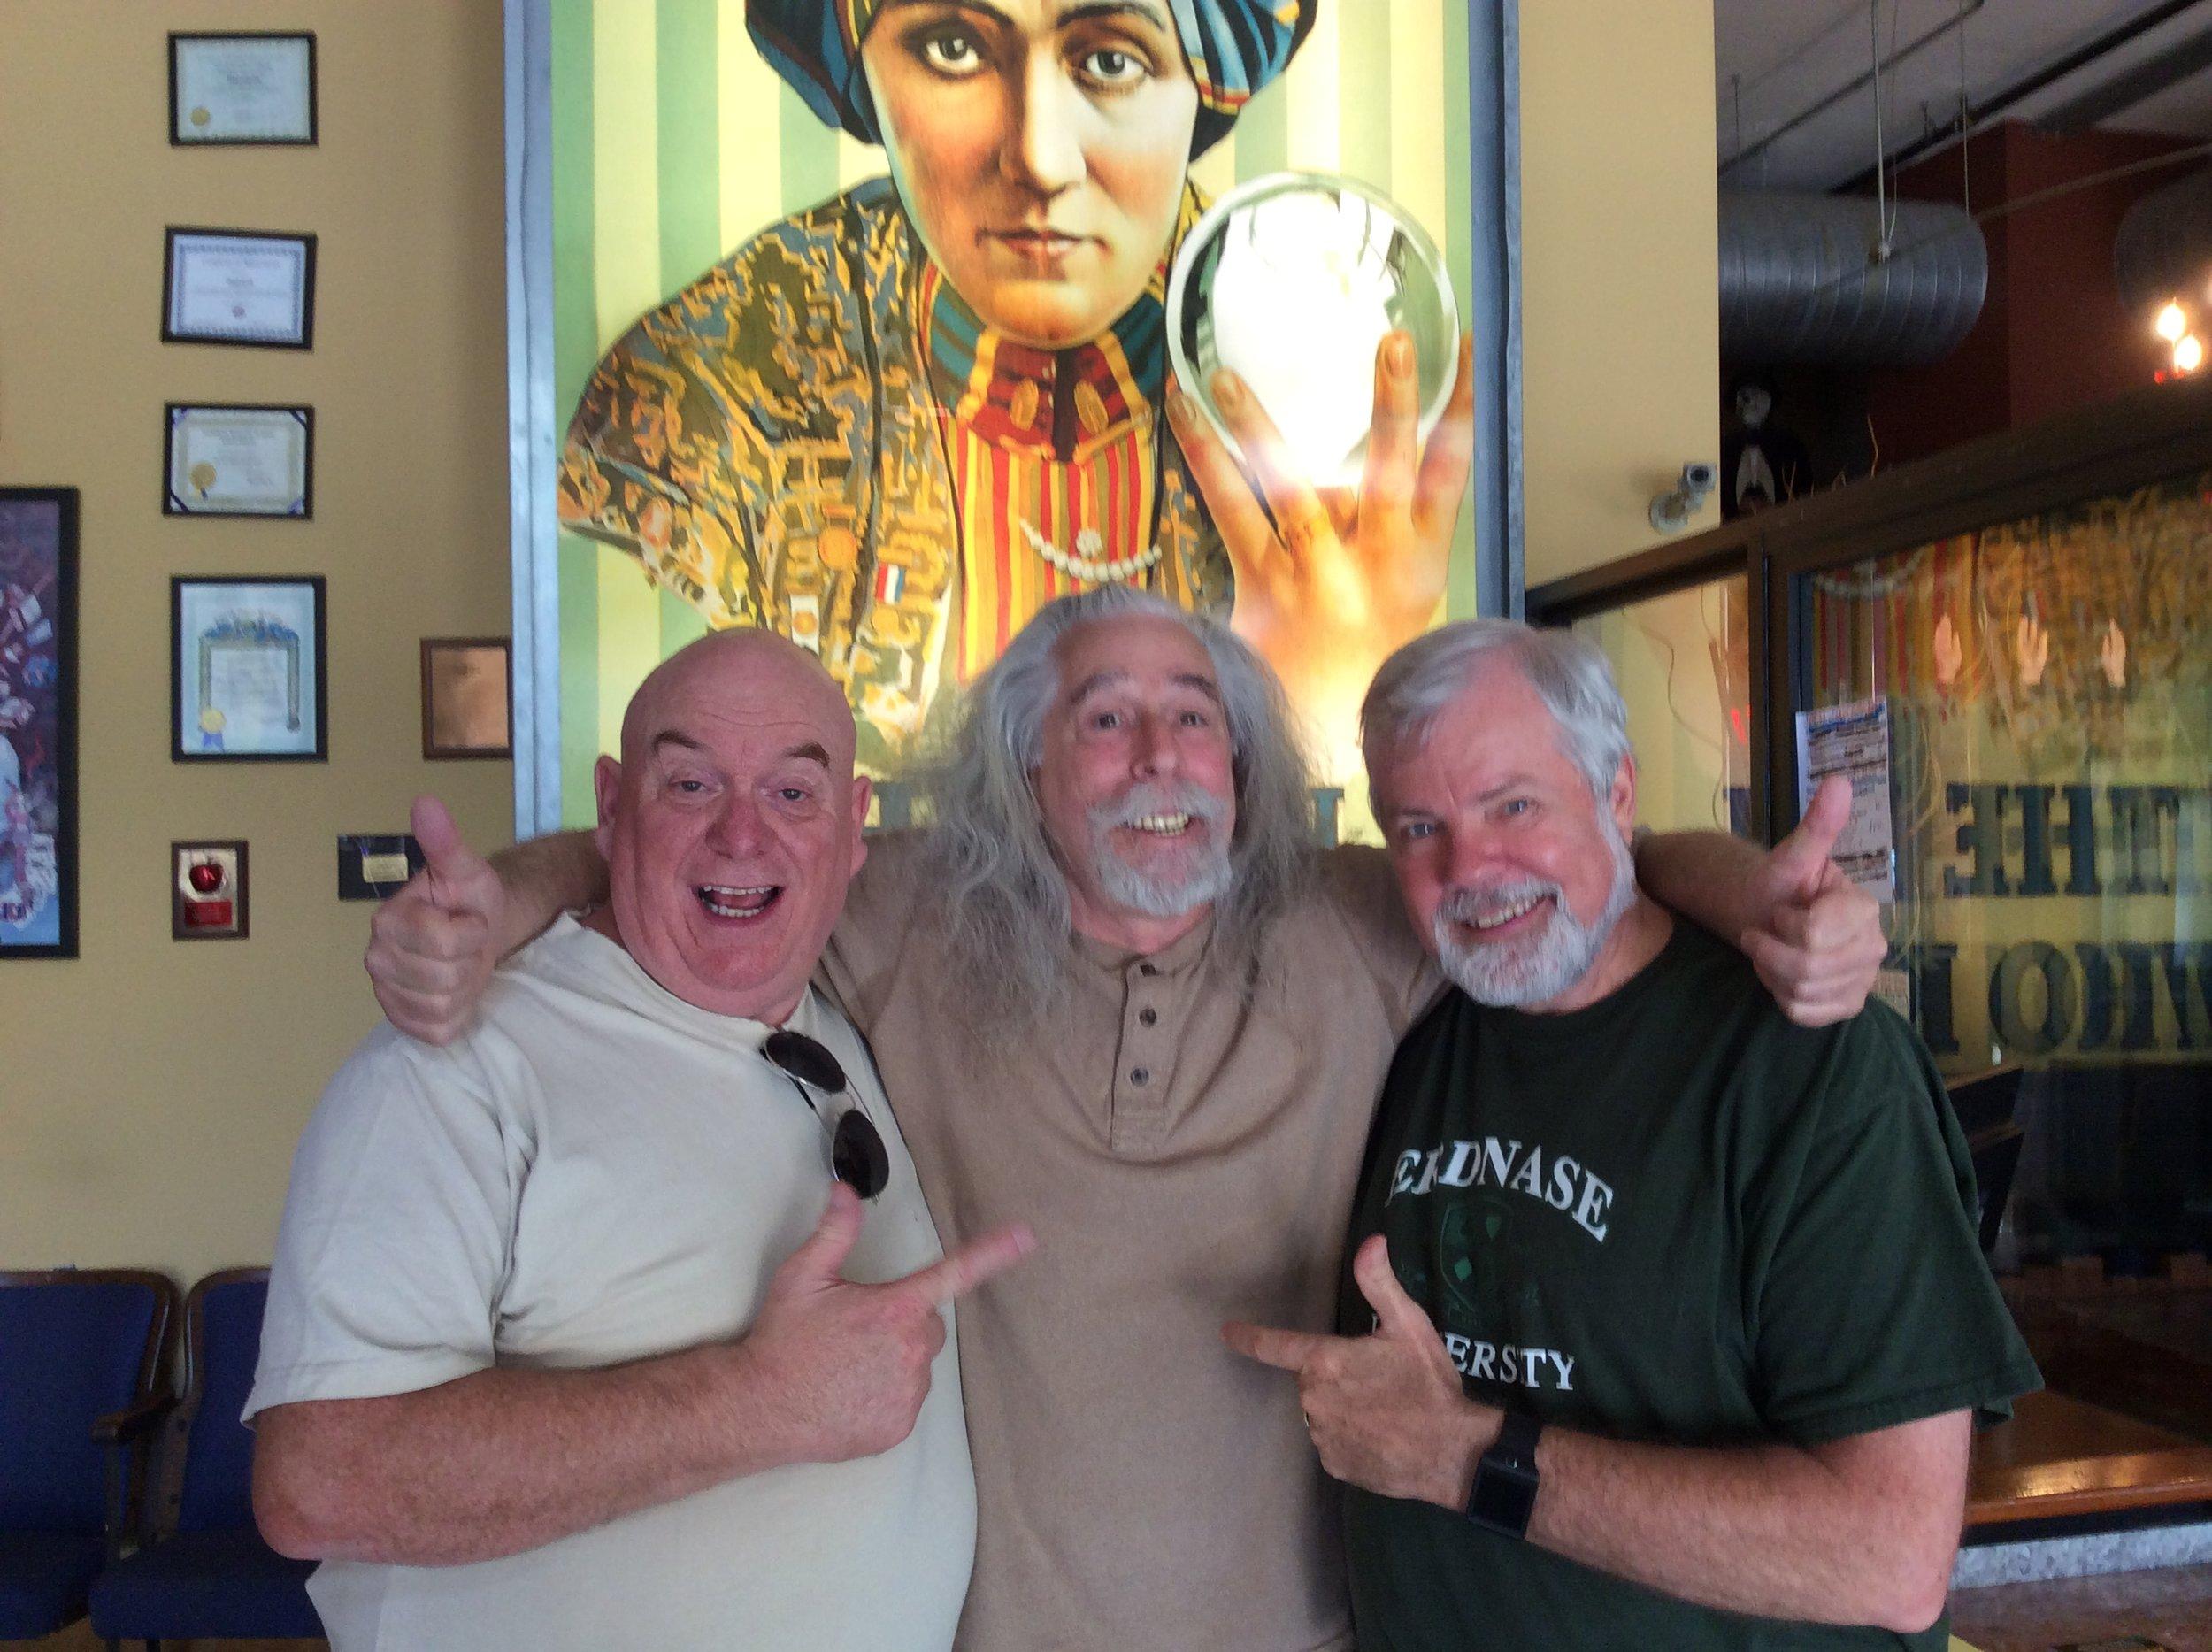 Martin Cox, Steve Spill and Scott Wells